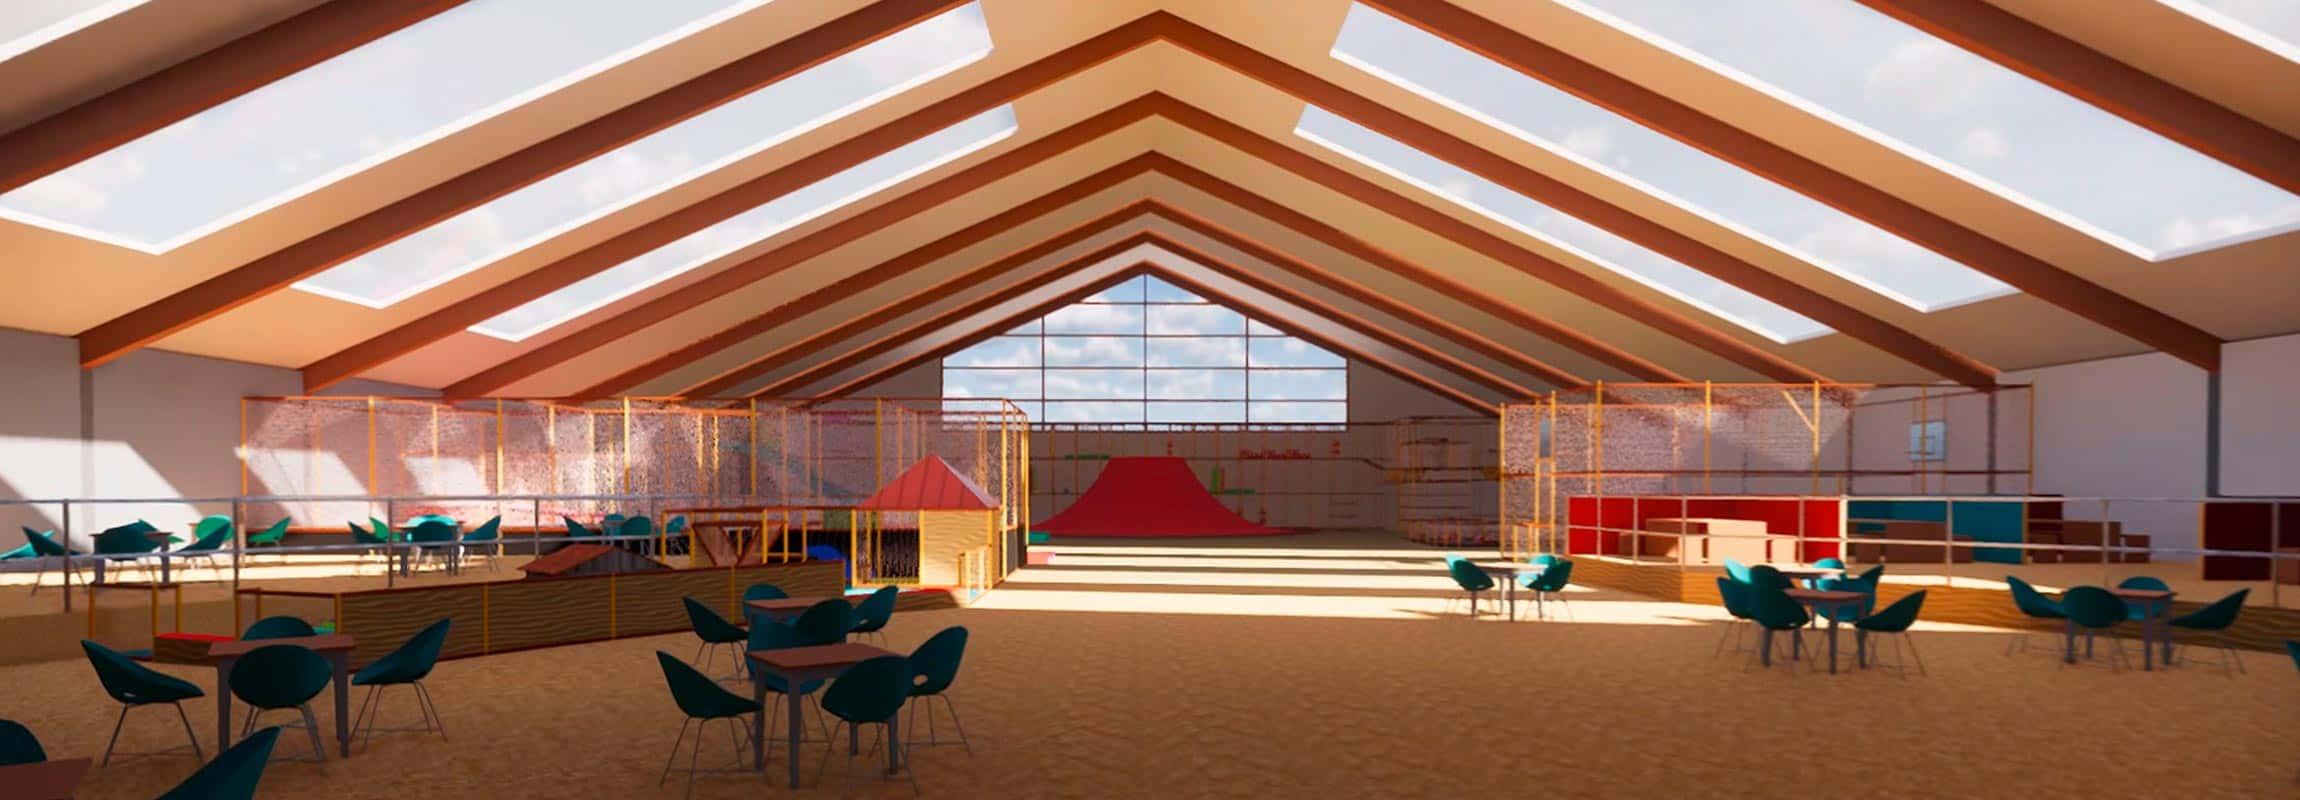 Indoorspielplatz-Planung-Halle